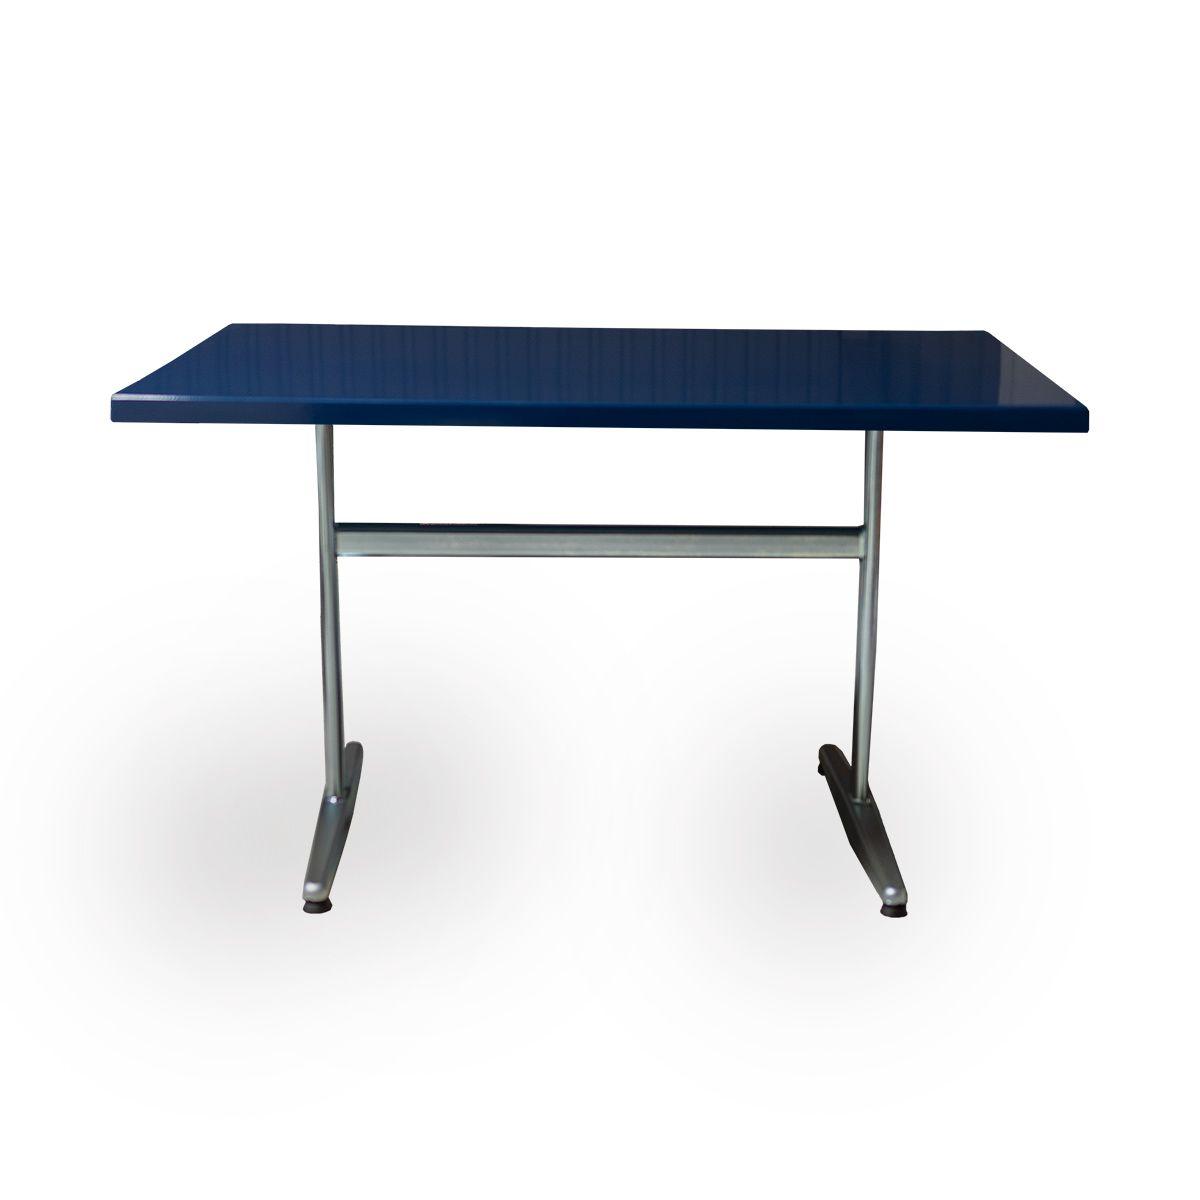 GFK Tisch saphirblau, glanz, Untergestell galvanisch, T-Gestell Basic, 120 x 80 x 3.5 cm, H 73 cm